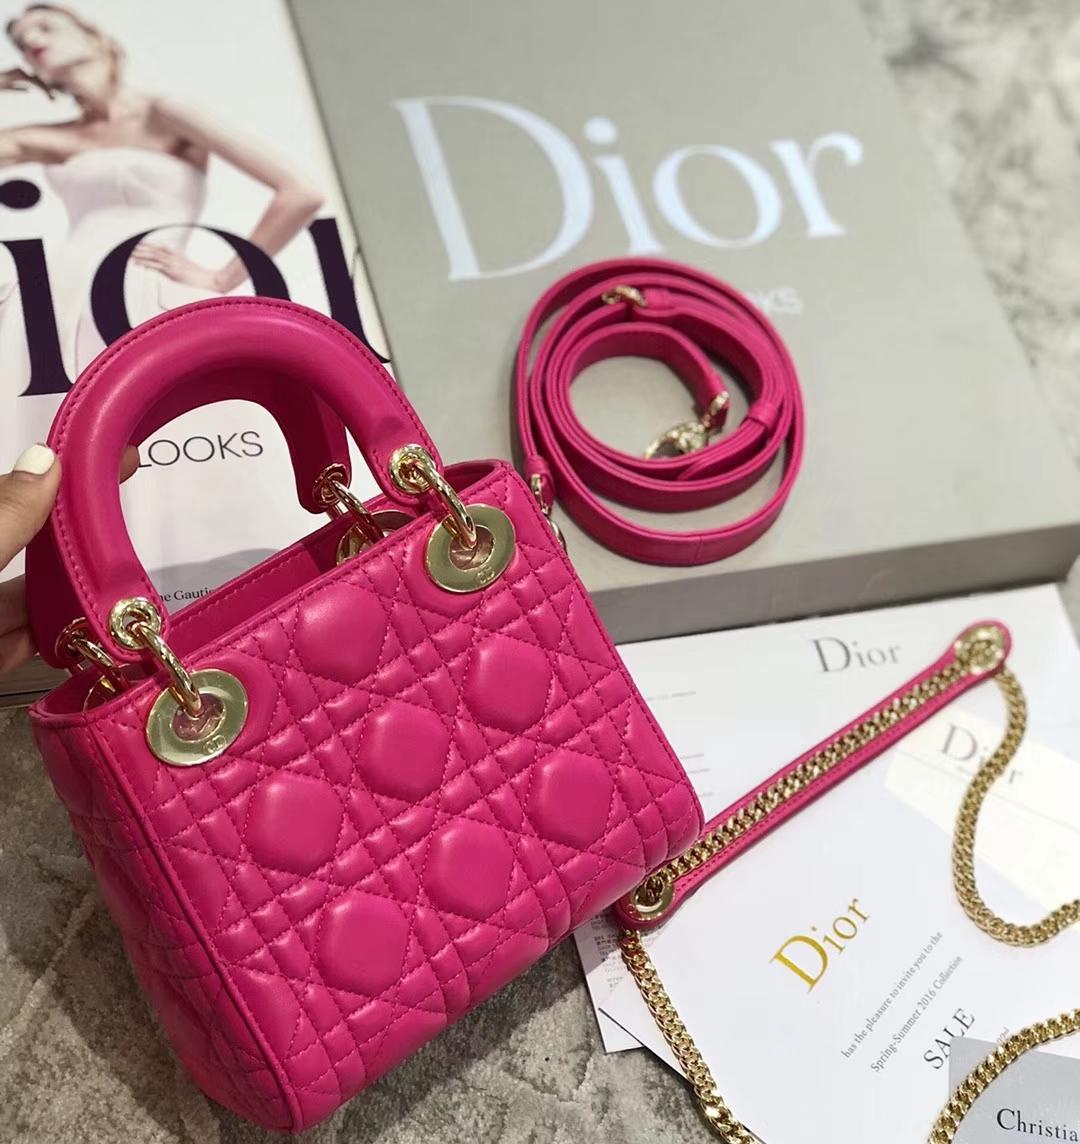 迪奥经典戴妃包 Dior玫红色进口羊皮菱格三格迷你戴妃包双肩带17CM 金扣